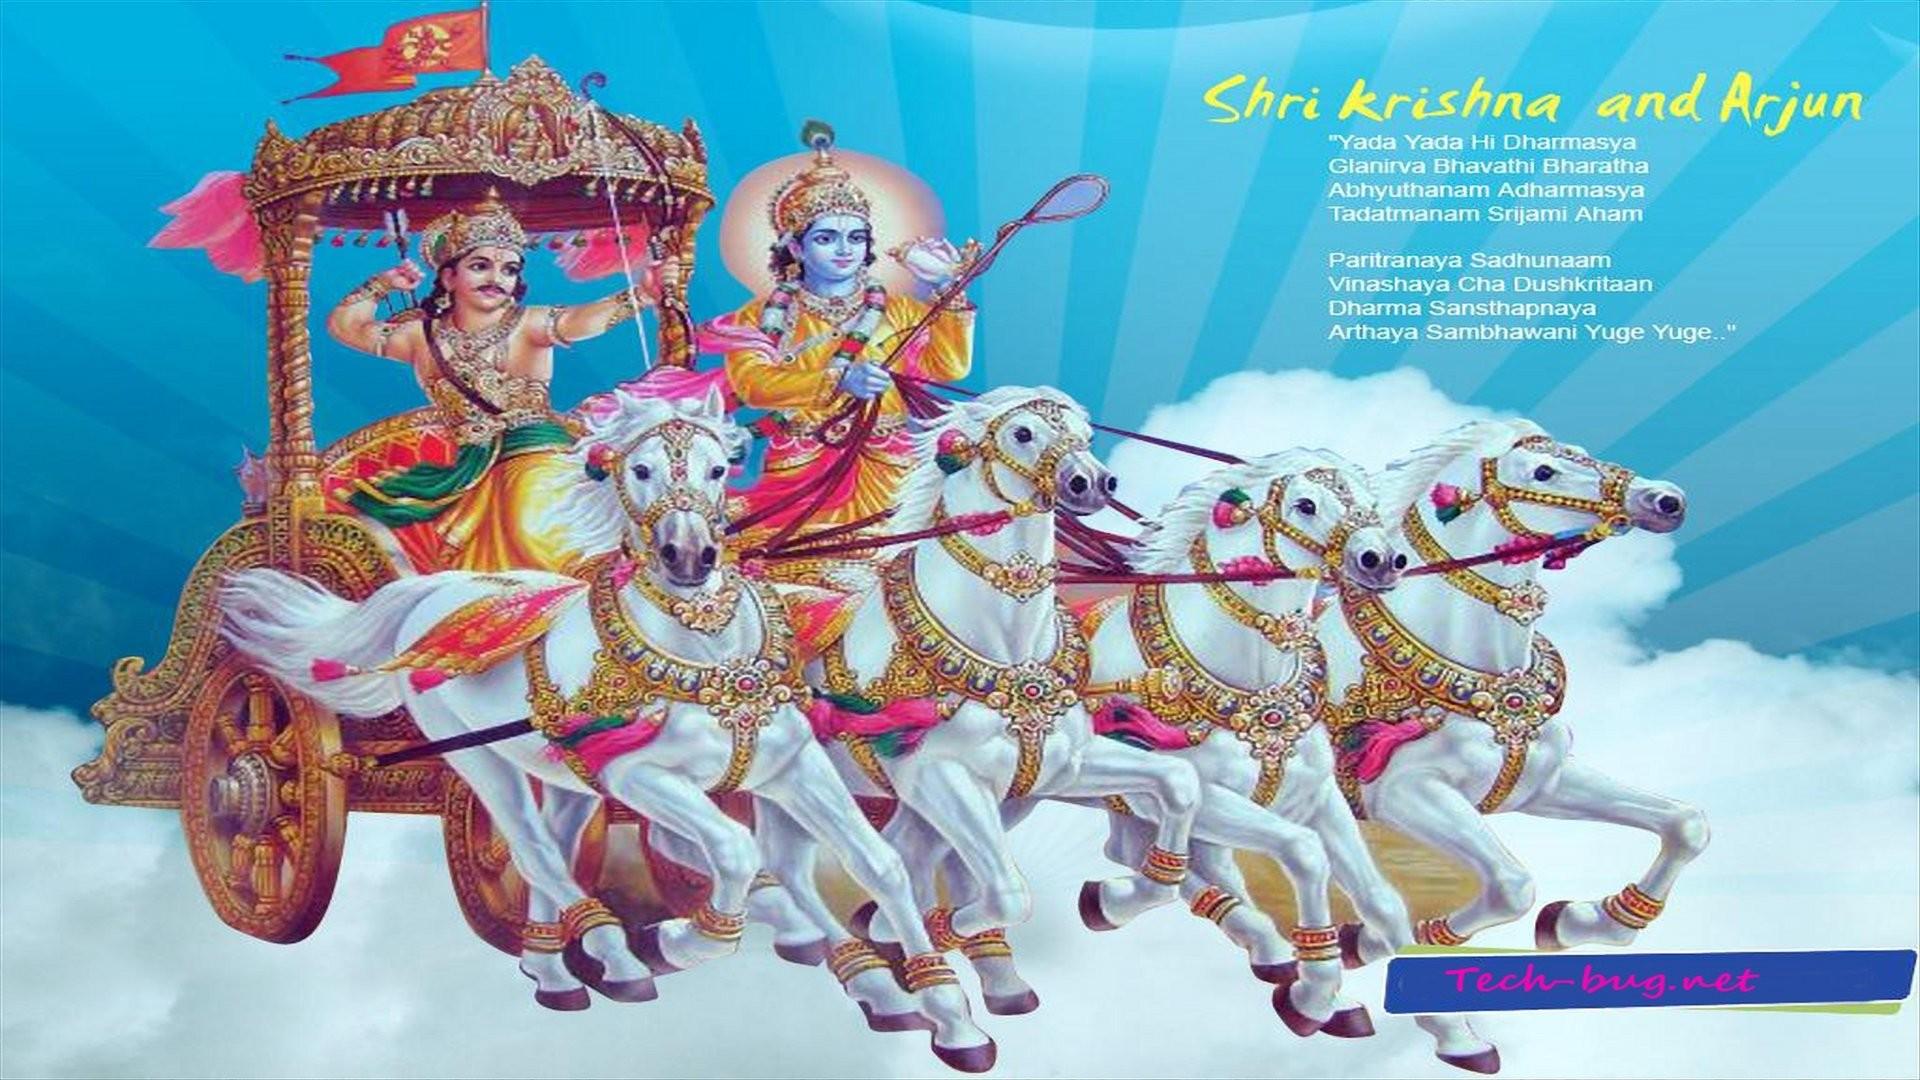 Hd Wallpaper Lord Krishna - HD Wallpaper